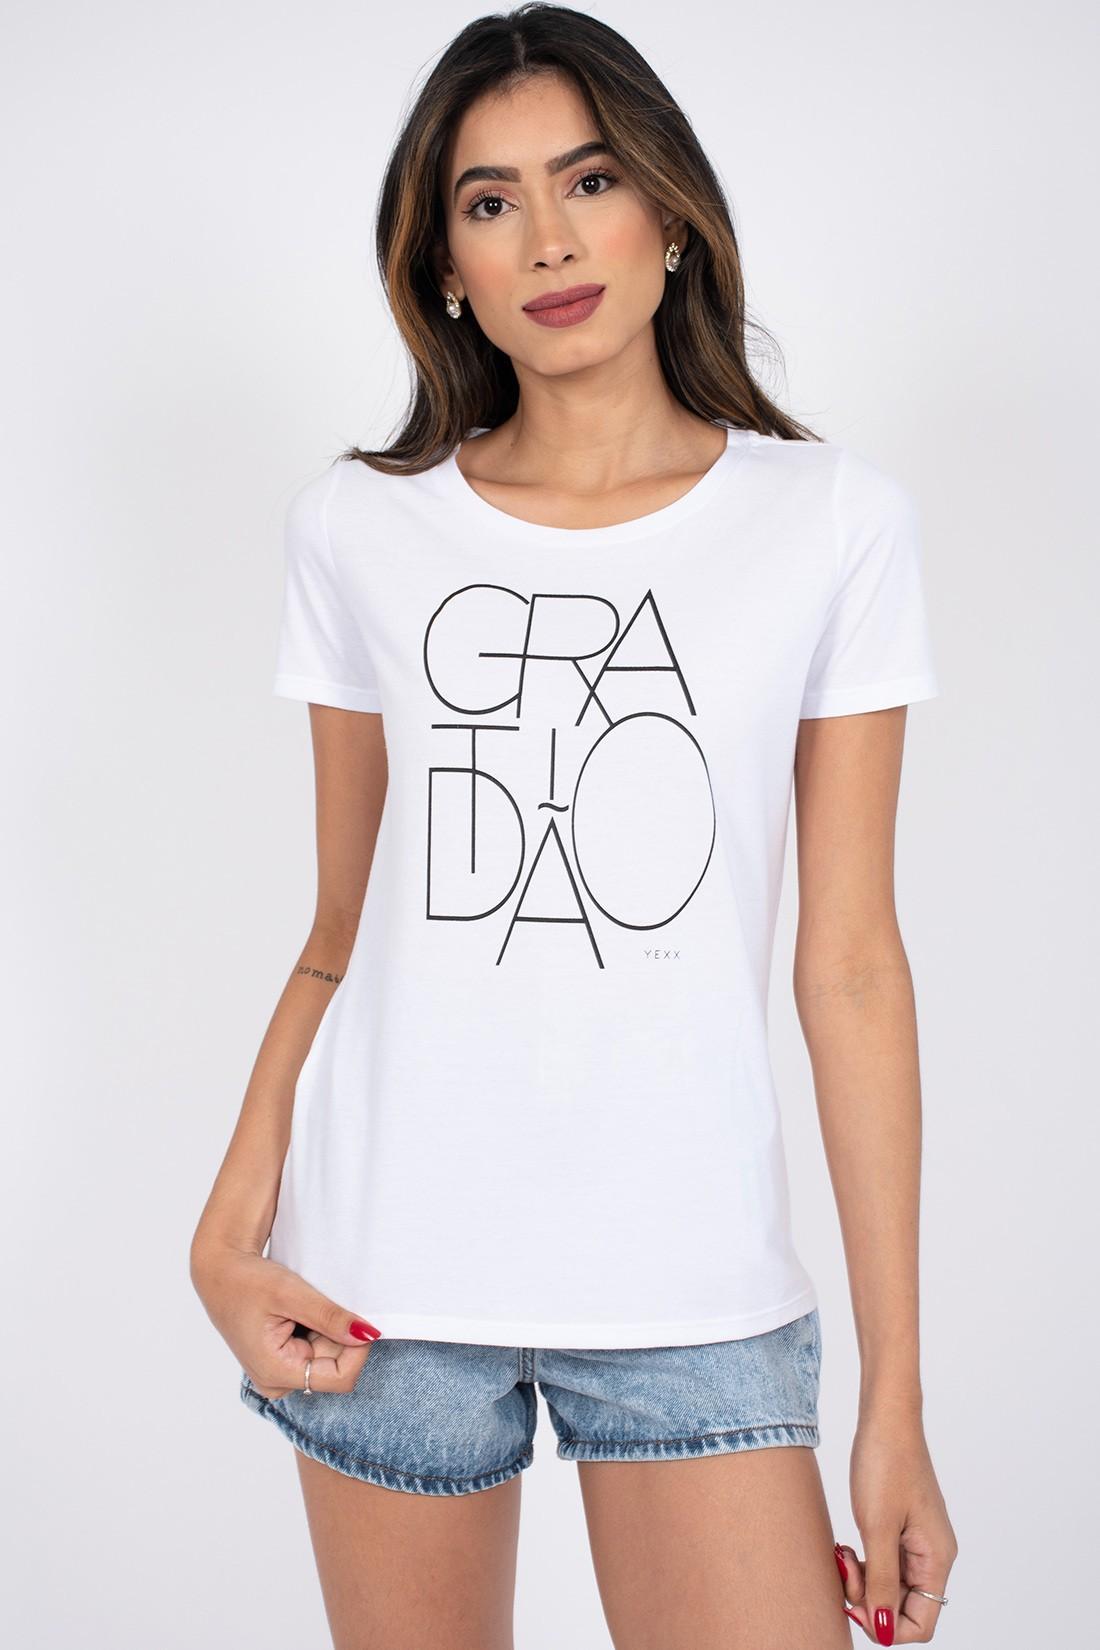 T Shirt Yexx Gratidao